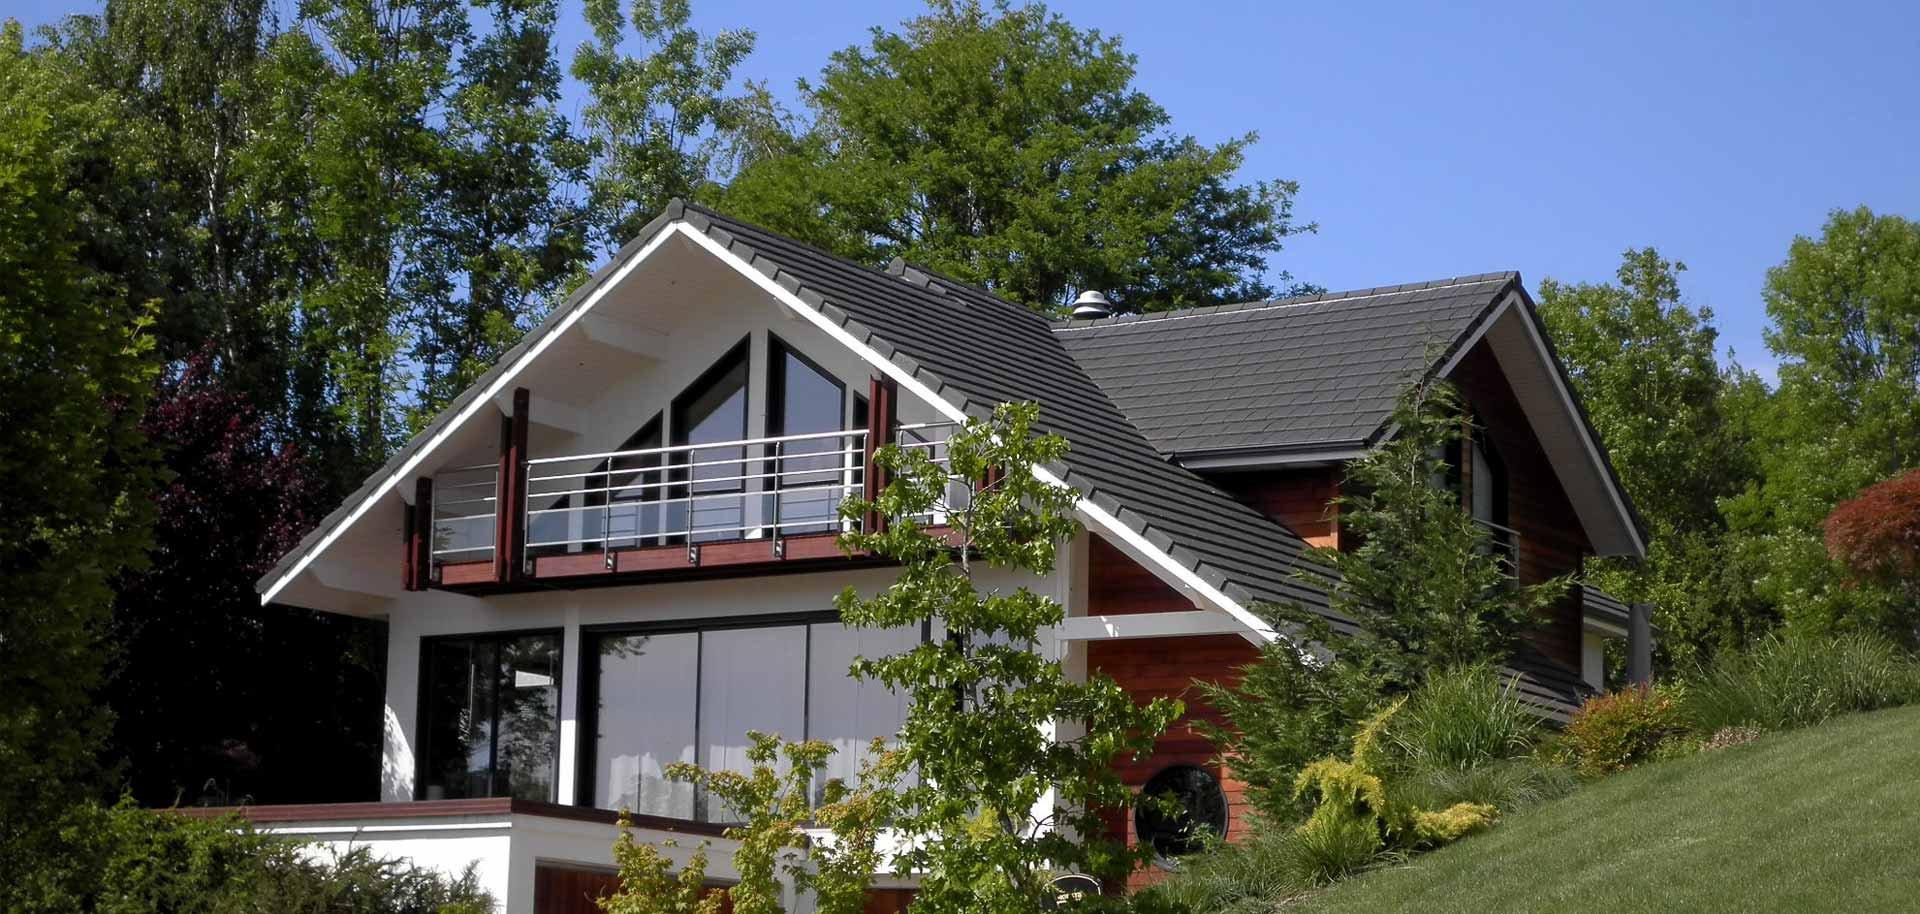 Souvent Maison bois contemporaine, bardage bois - Maison bois contemporaine, JT92